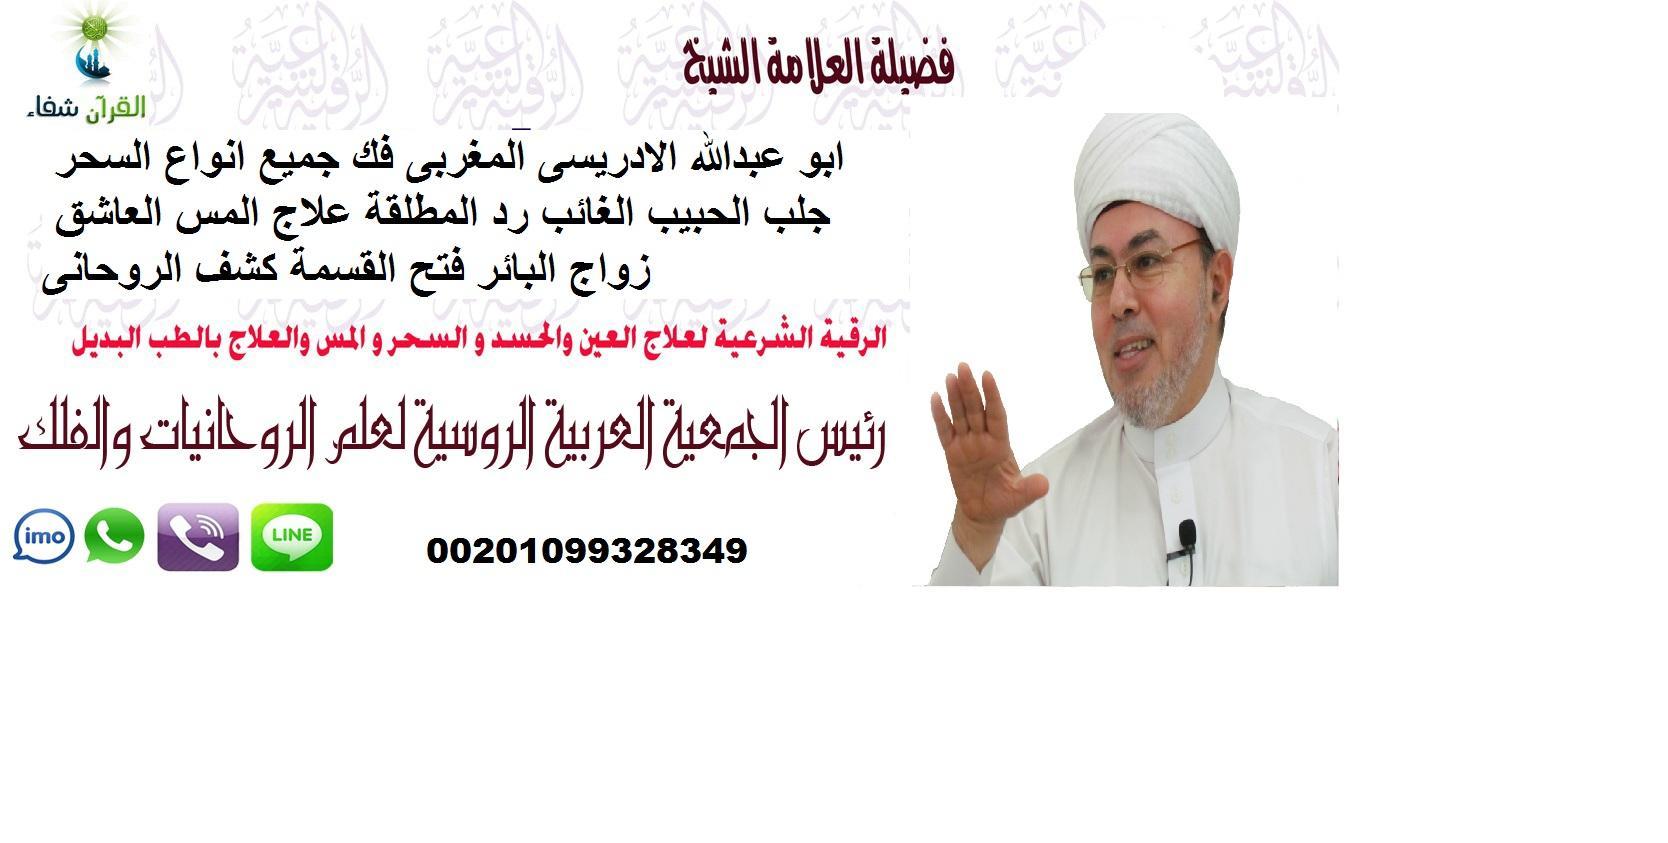 الشيخ الروحاني الحبيب خلال ساعة 00201099328349 لجلب الحبيب 867681353.jpg